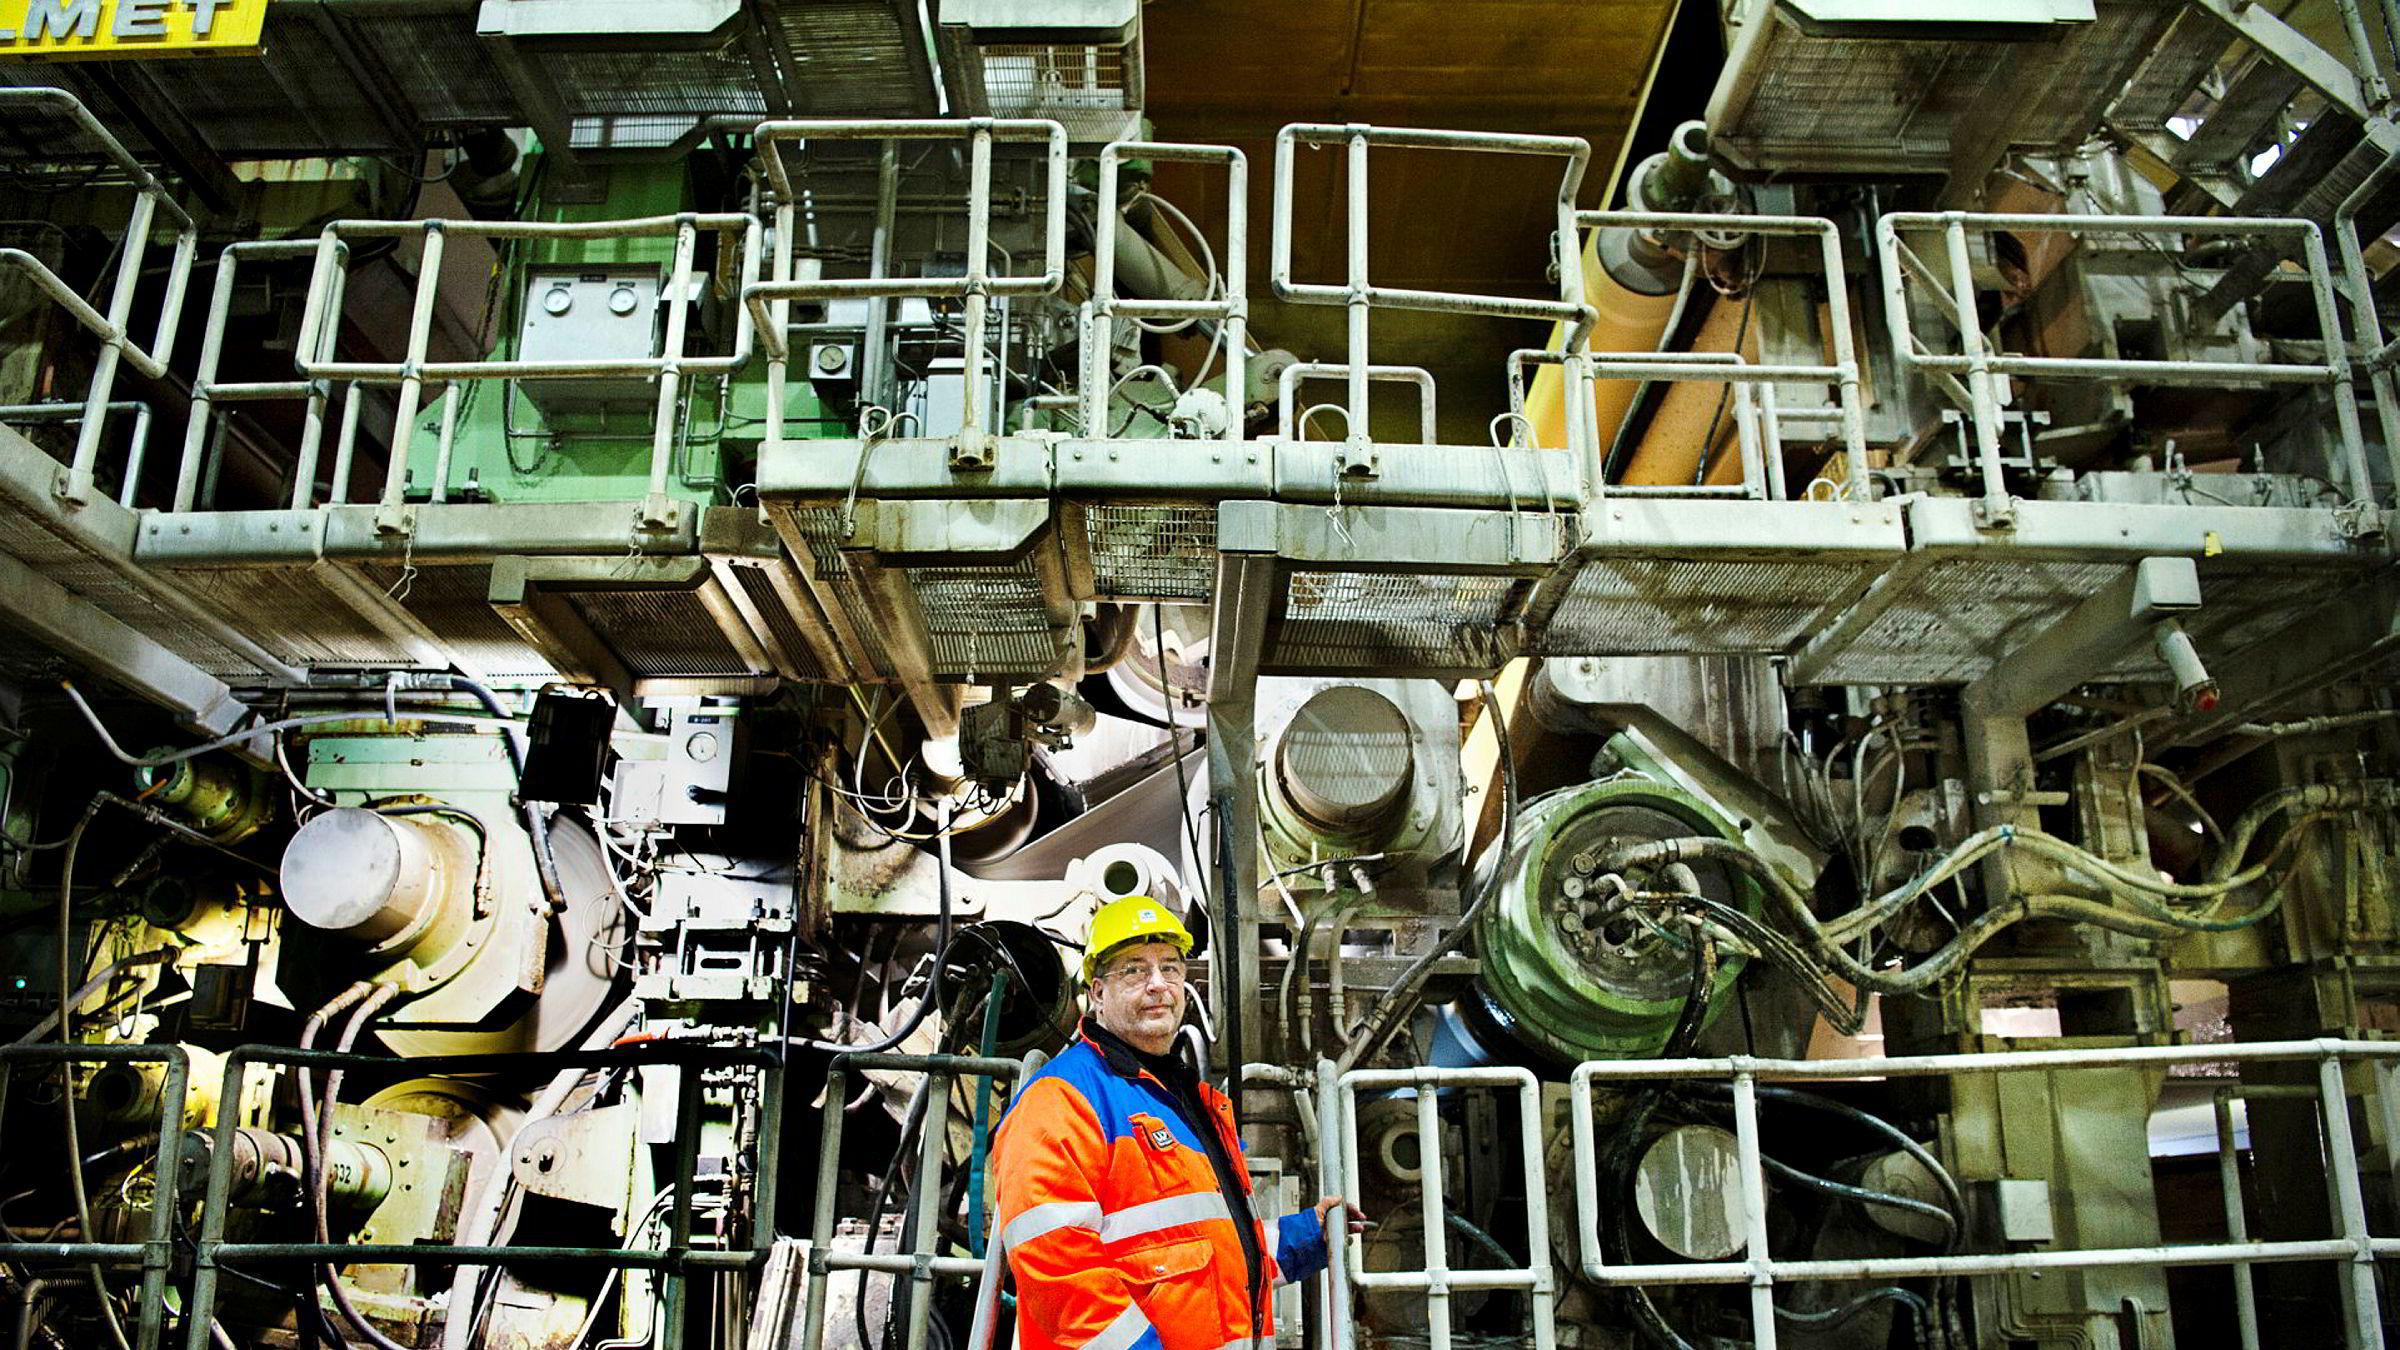 – Alle ønsker en avklaring, sier hovedtillitsvalgt Paul Kristiansen i Norske Skog om Akers interesse for å kjøpe Norske Skogs fabrikker.